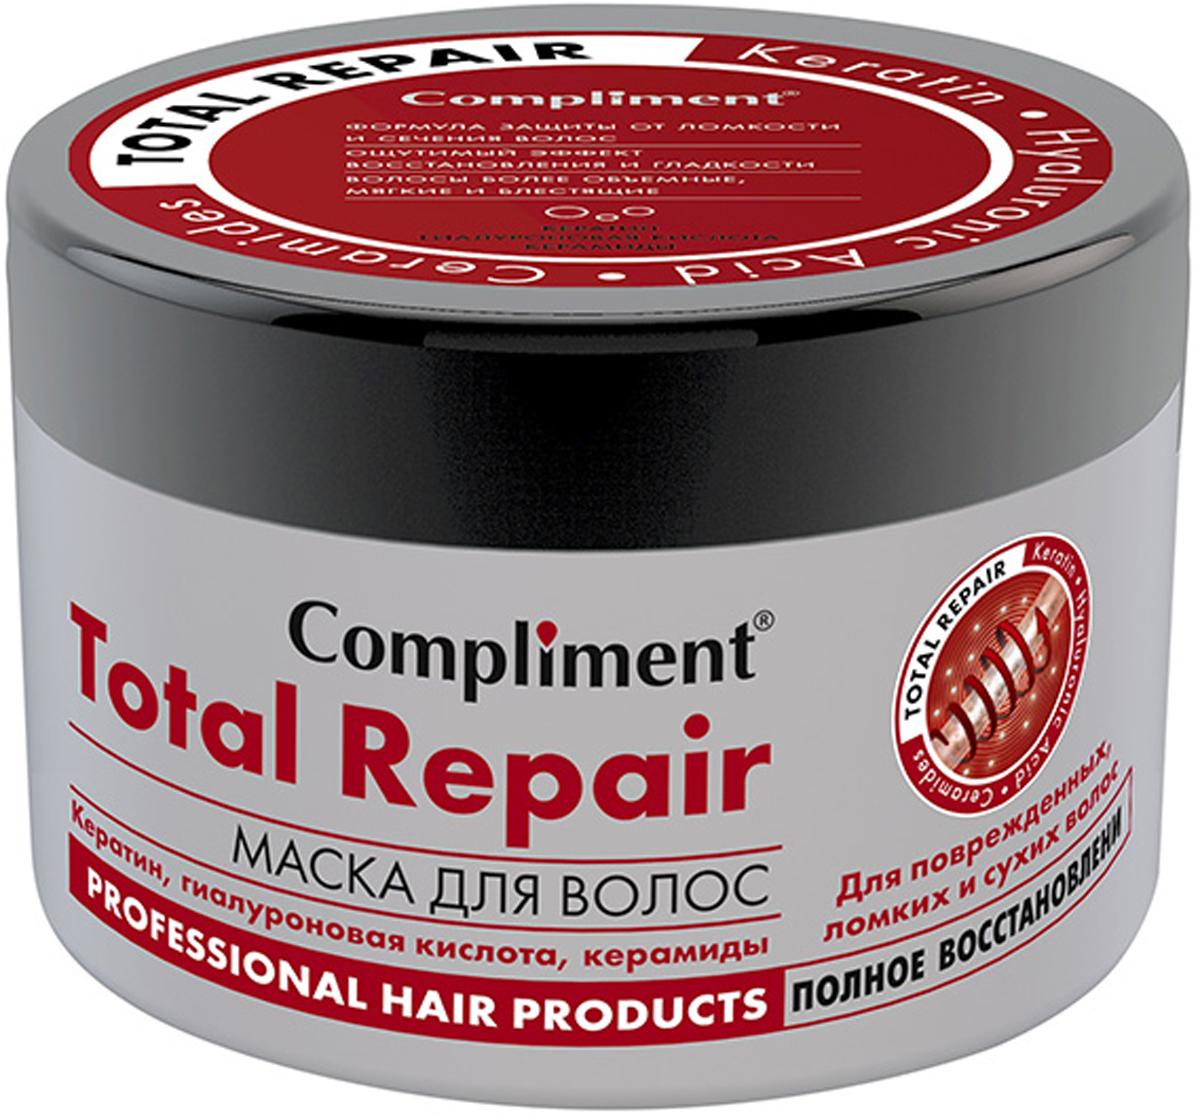 Compliment Маска для волос Total Repair с кератином, 500 мл078-01-798474Кератин – это натуральный белок, важная составляющая структуры волоса. При достаточном количестве кератина происходит восстановление структуры волоса от корней до кончиков, улучшение питания, стойкость цвета для окрашенных волос, устранение сухости и ломкости. Кератин обволакивает волос и проникает в него, склеивая чешуйки, нейтрализуя повреждения, волосы становятся более шелковистыми, послушными и легко расчесываются.